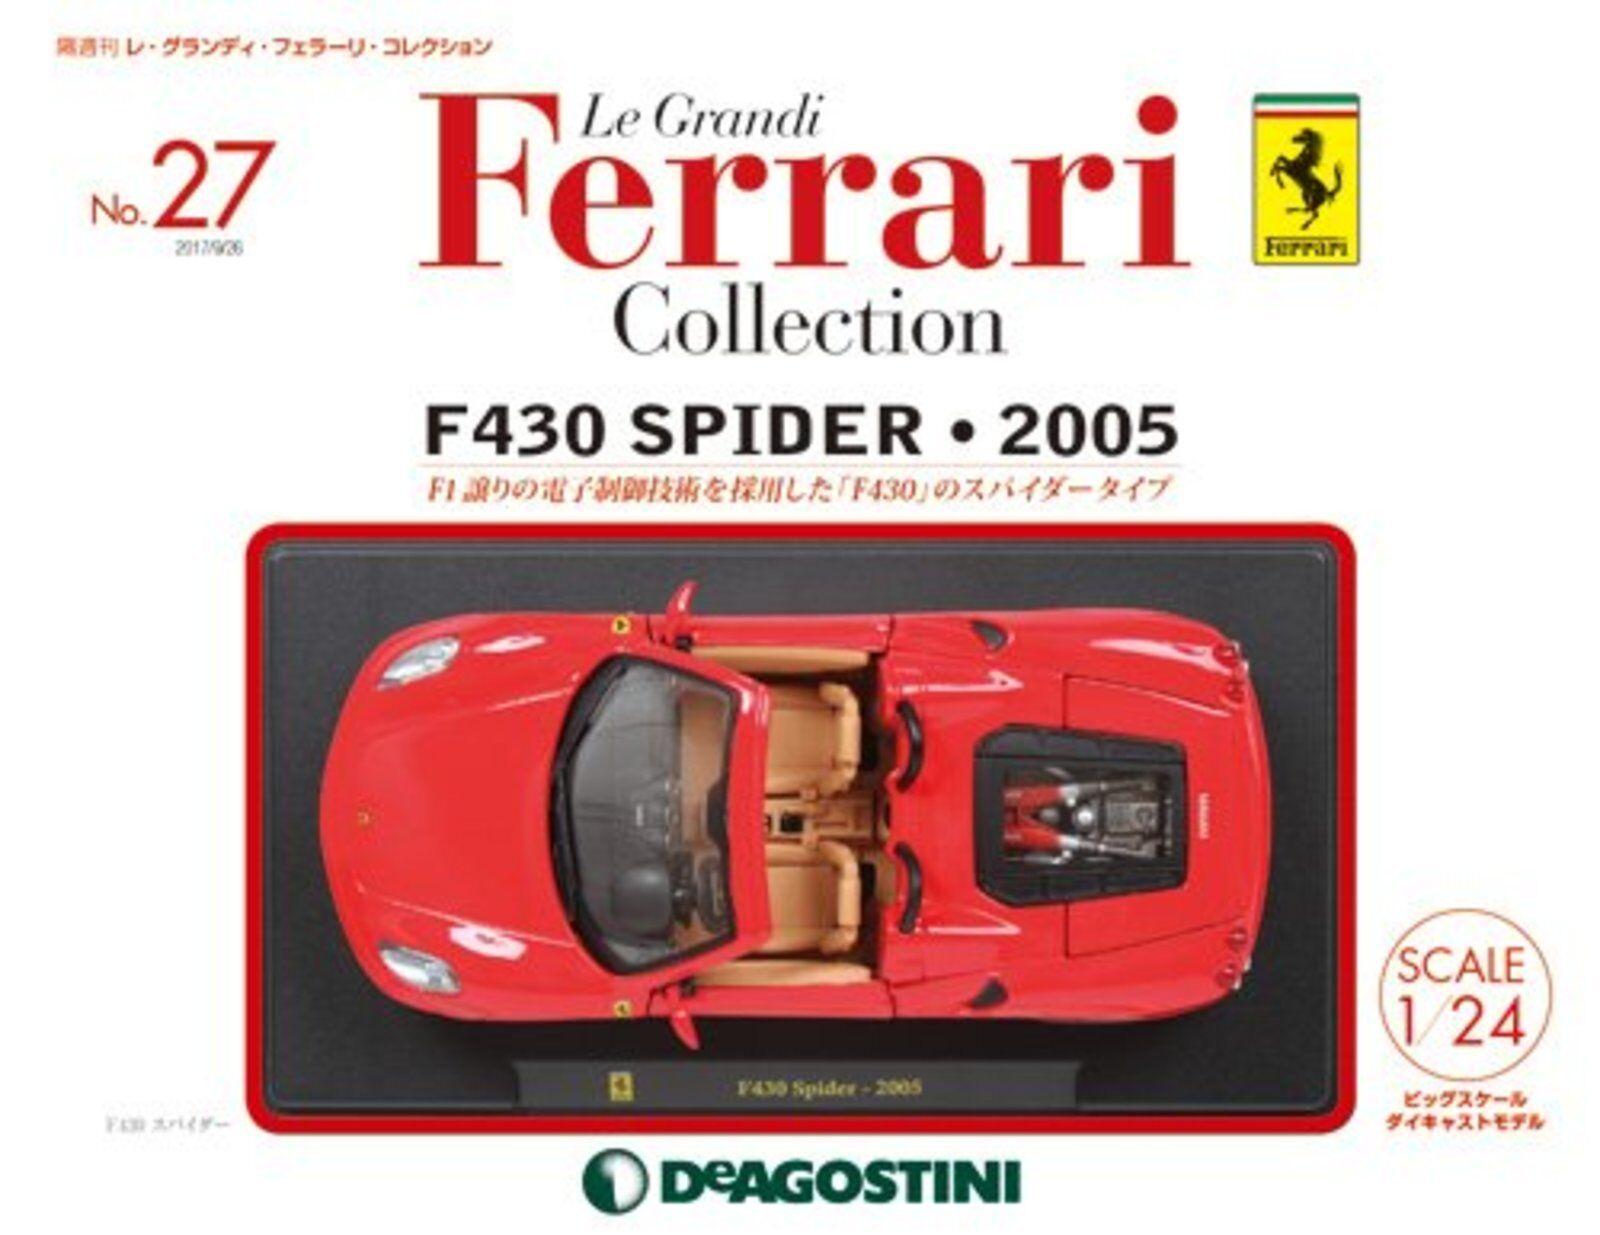 Le Grandi  Ferrari Voiture Modélisme Moulage sous Pression No27 F430 Spider 2005  présentant toutes les dernières mode de la rue haute